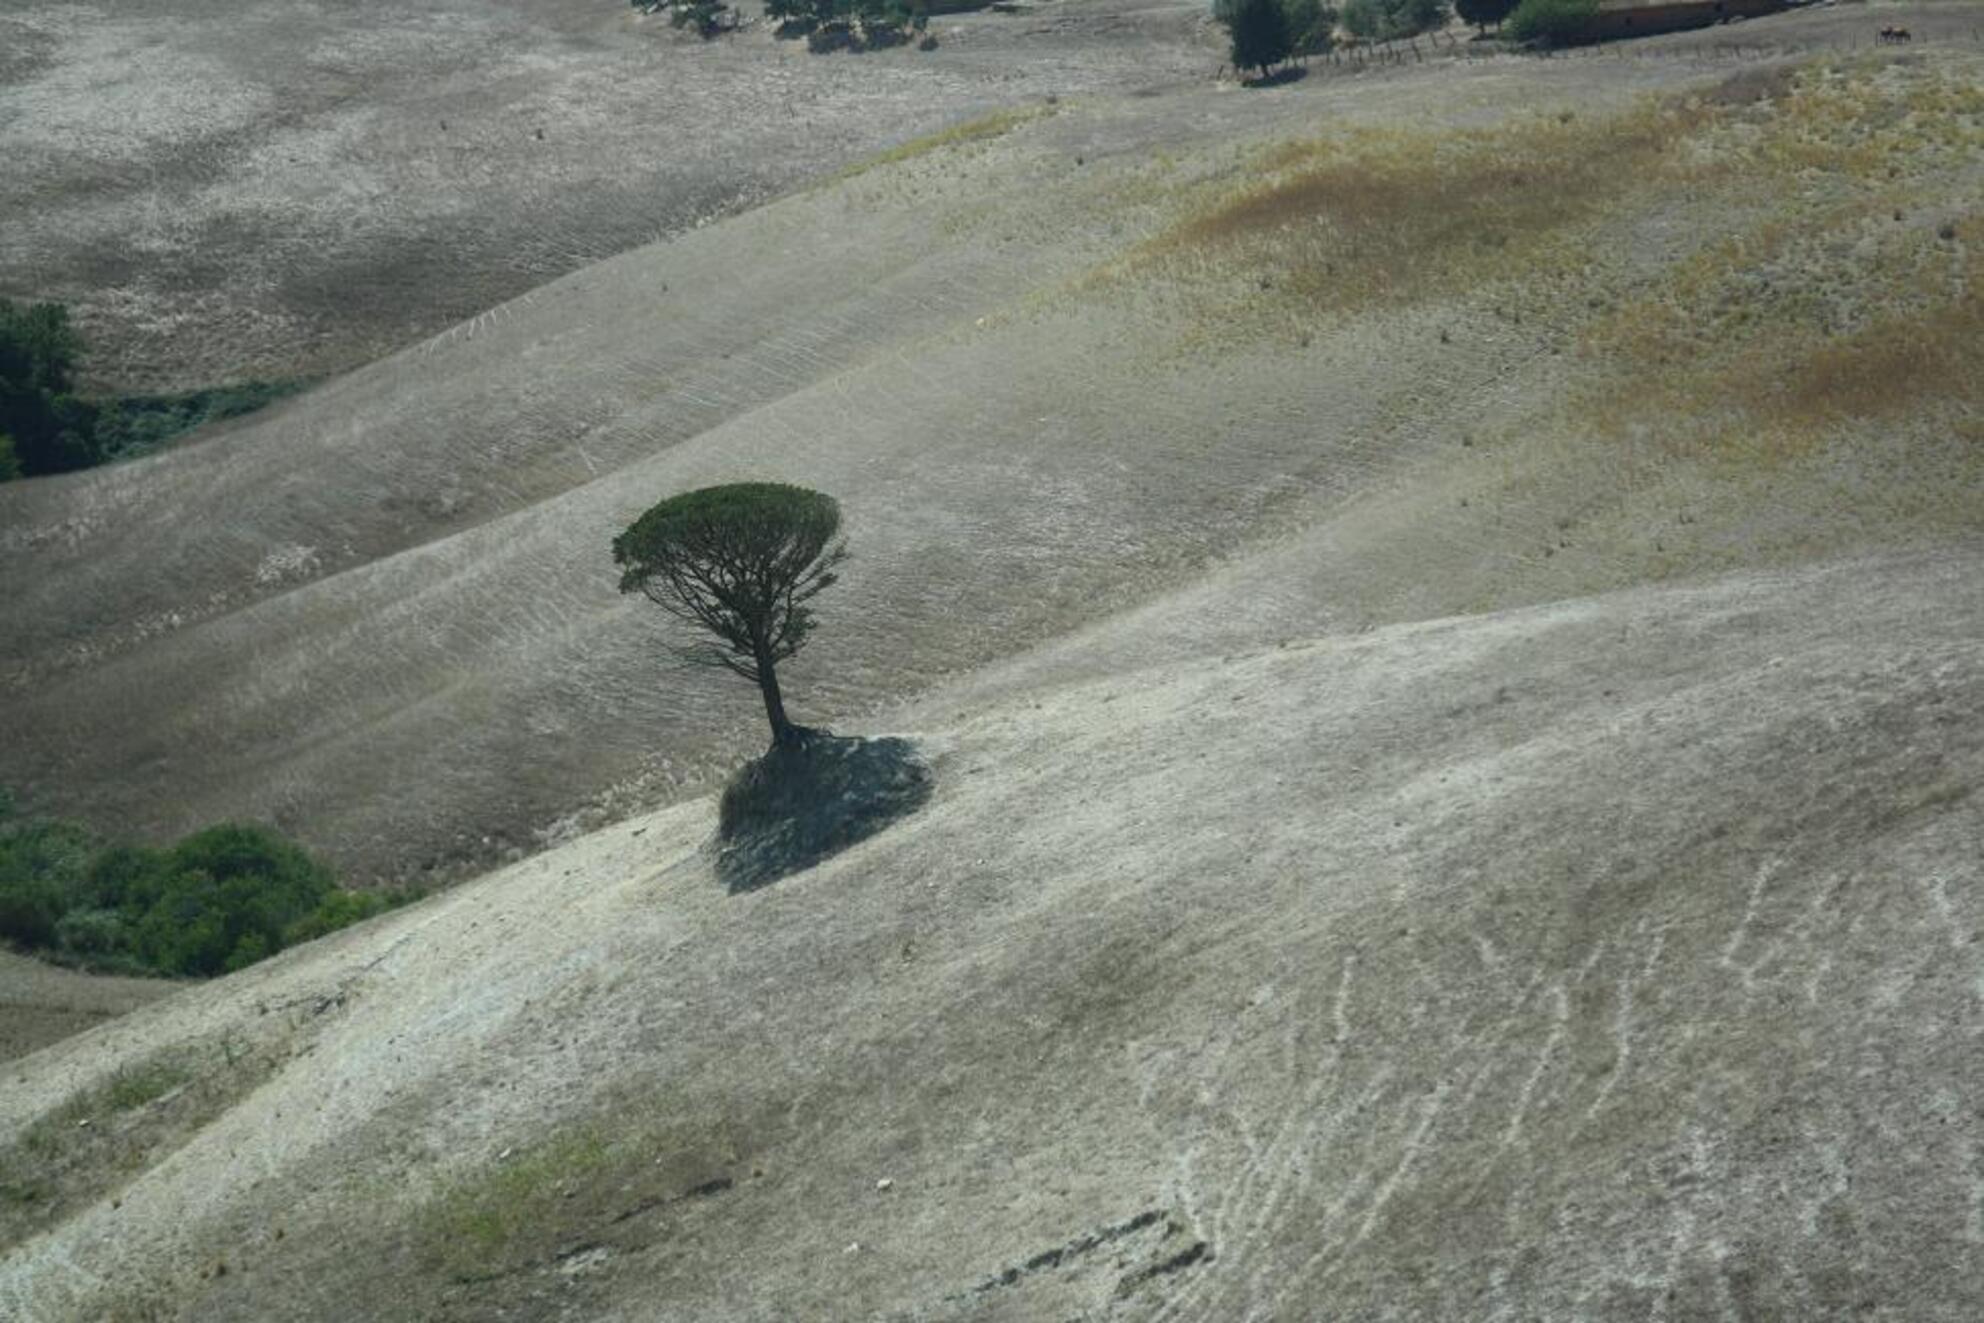 only the lonely - kale omgeving met boom - foto door eluurtsema op 20-09-2010 - deze foto bevat: dor, begroeid